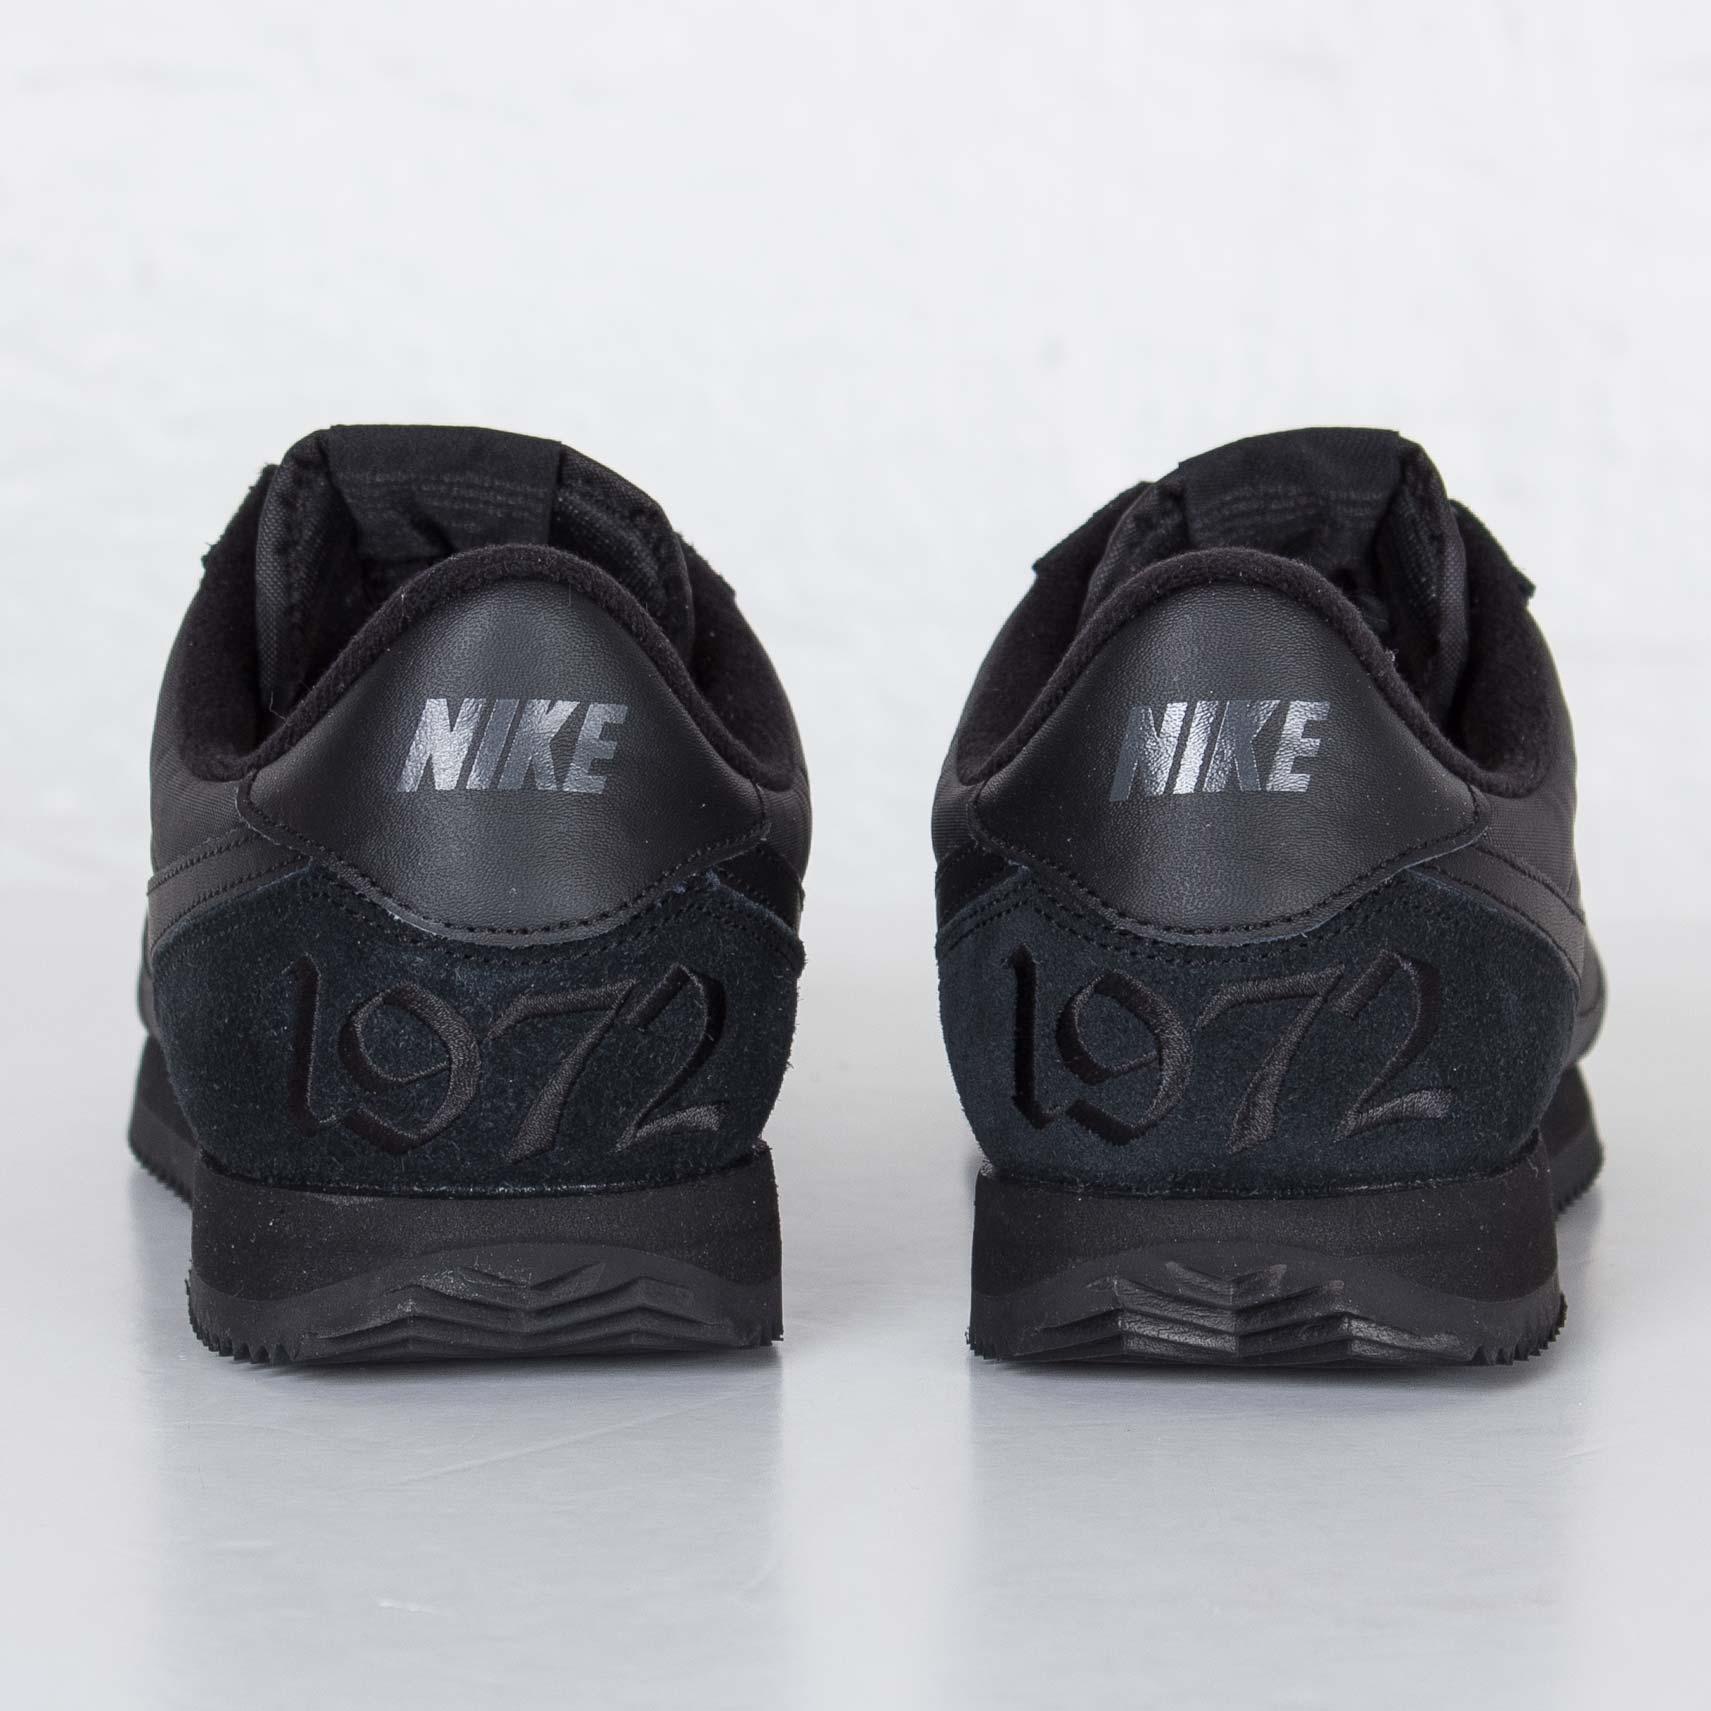 wholesale dealer 9c1a5 69f7b Nike Cortez Basic QS 1972 - 842918-001 - Sneakersnstuff   sneakers    streetwear online since 1999